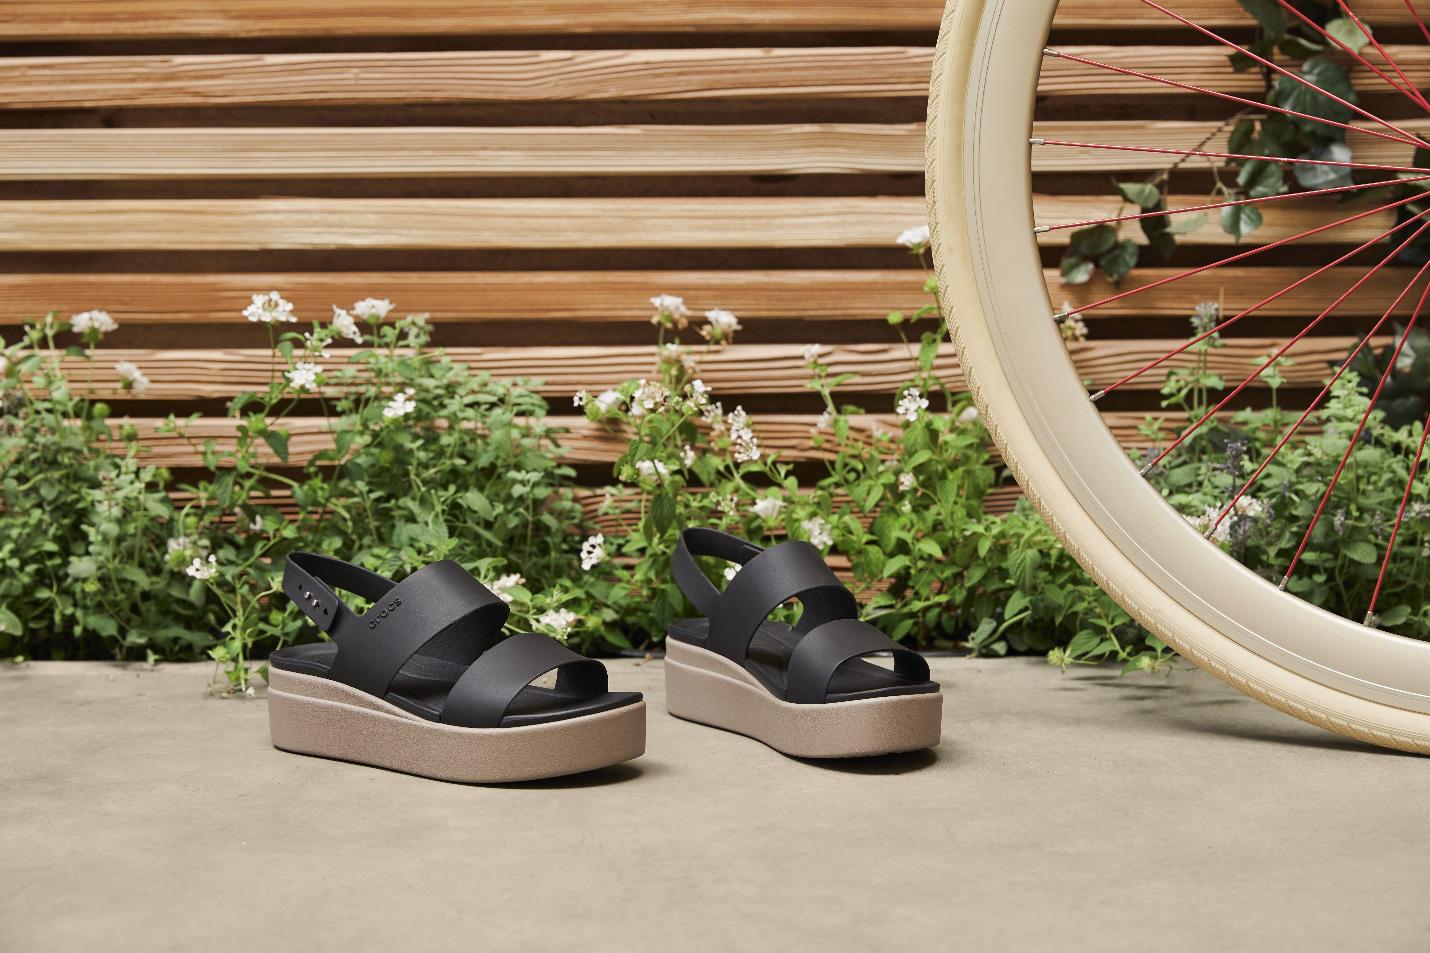 Ơn giời, đôi giày đáng mong đợi nhất của phái đẹp đã xuất hiện, cao gót nhưng không đau chân, cá tính và hơn thế nữa - Ảnh 6.